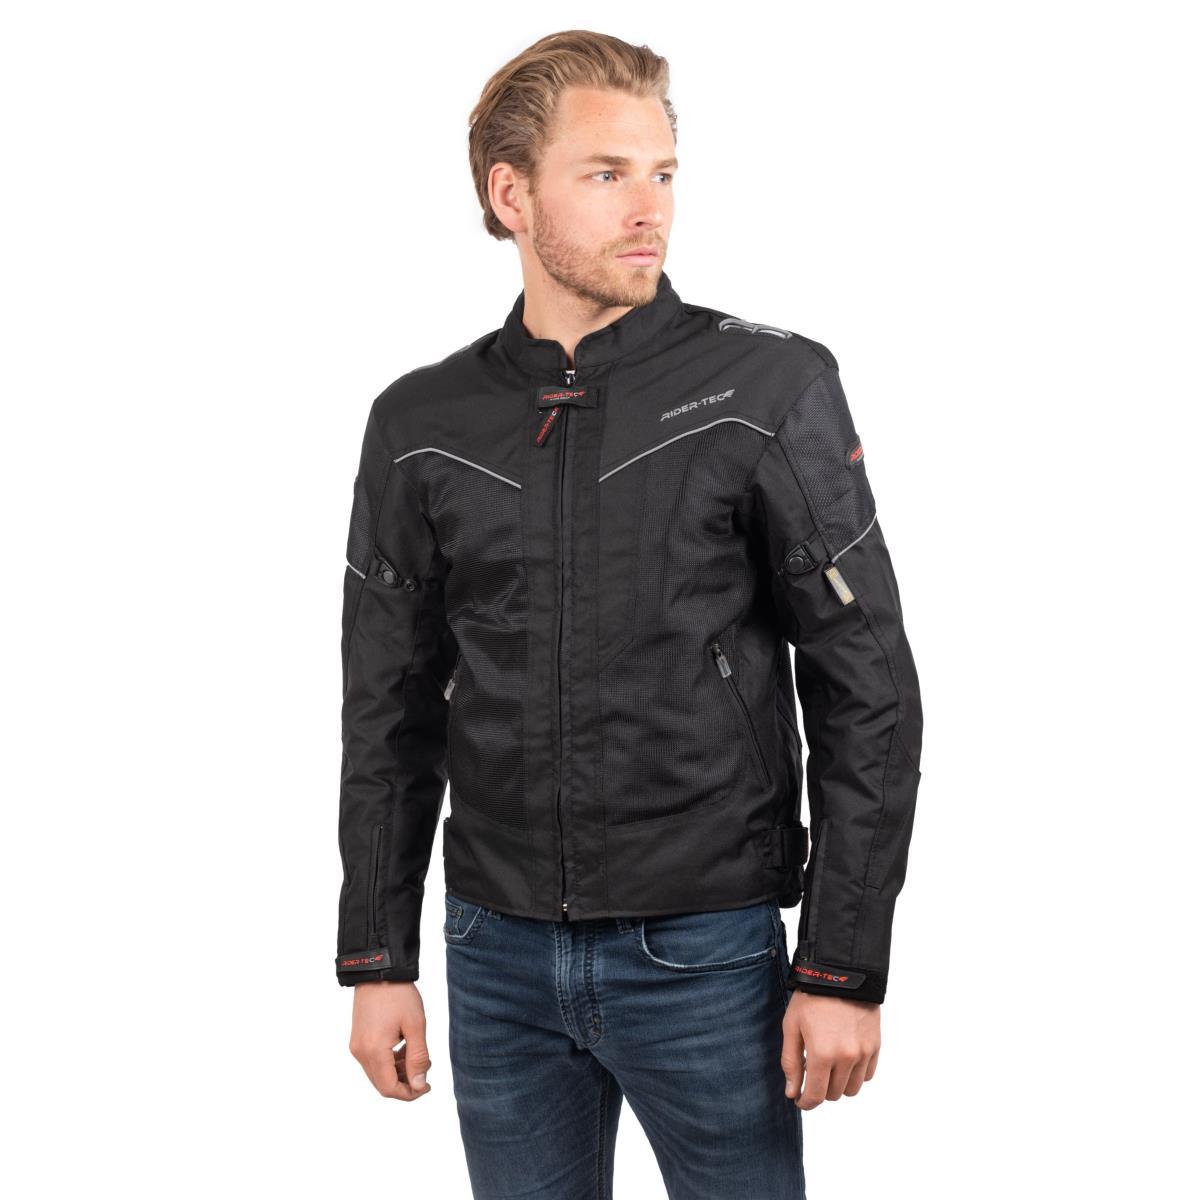 Blouson de Moto Homme Urban Summer Rider-Tec Textile Noir & Gris